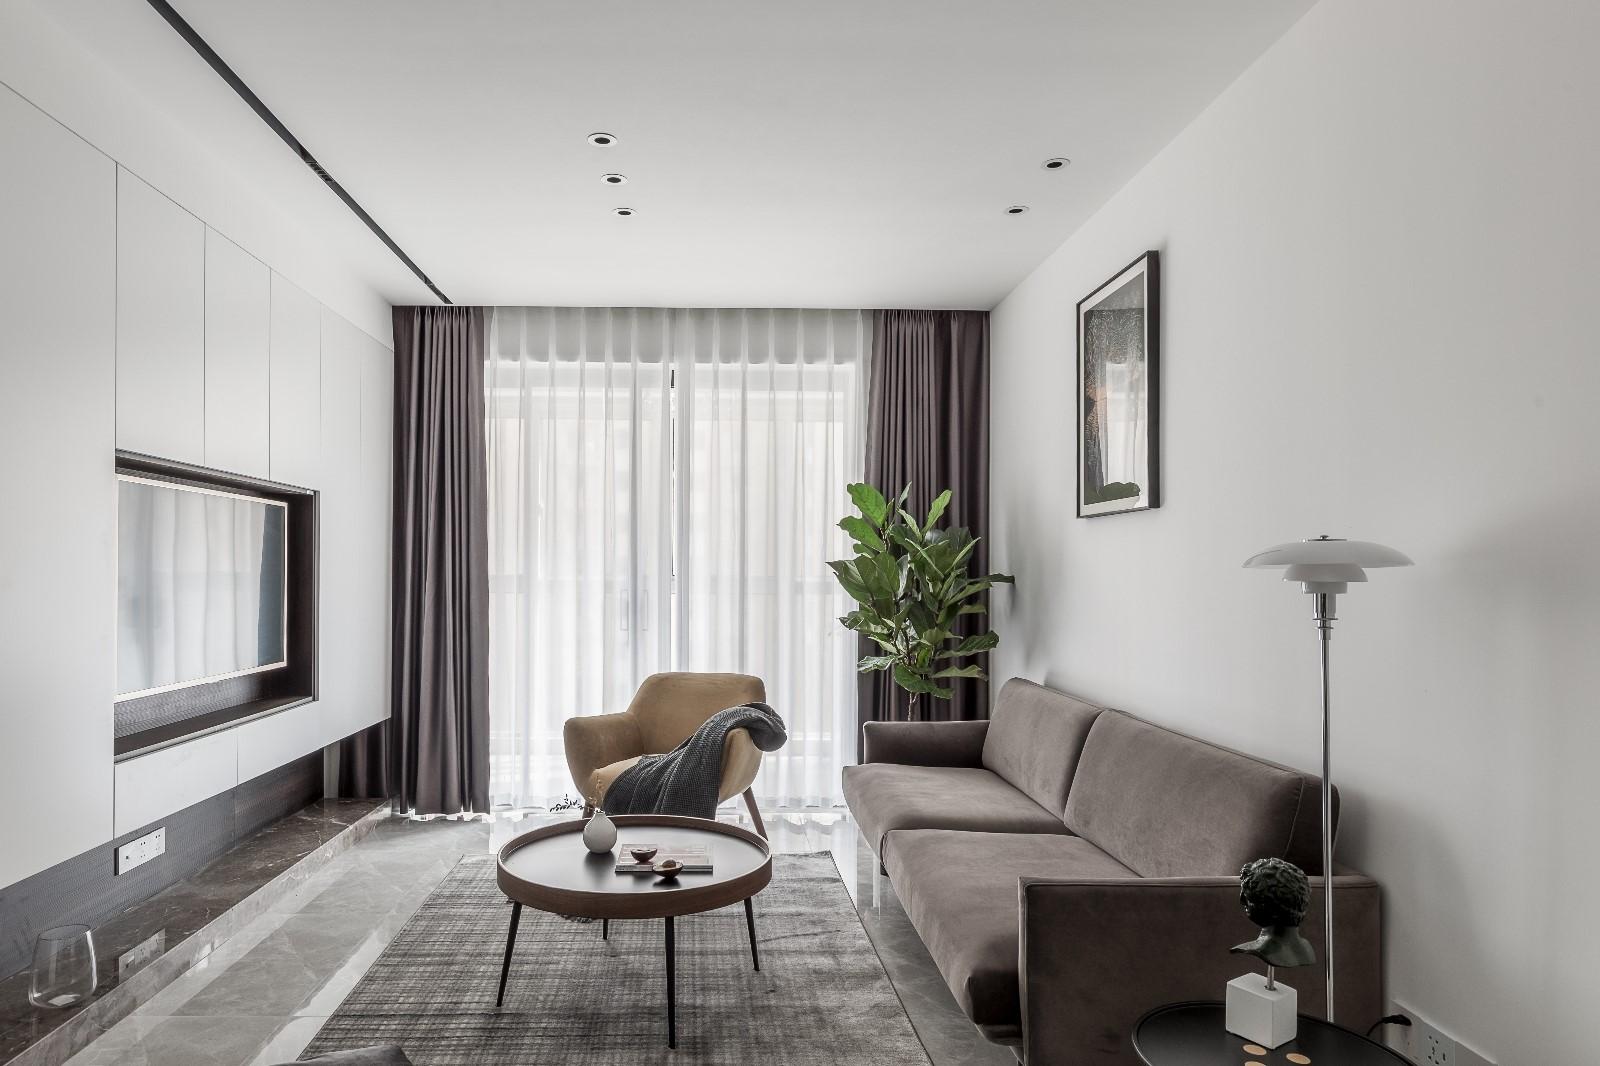 清新日光居、三口之家客厅北欧极简客厅设计图片赏析